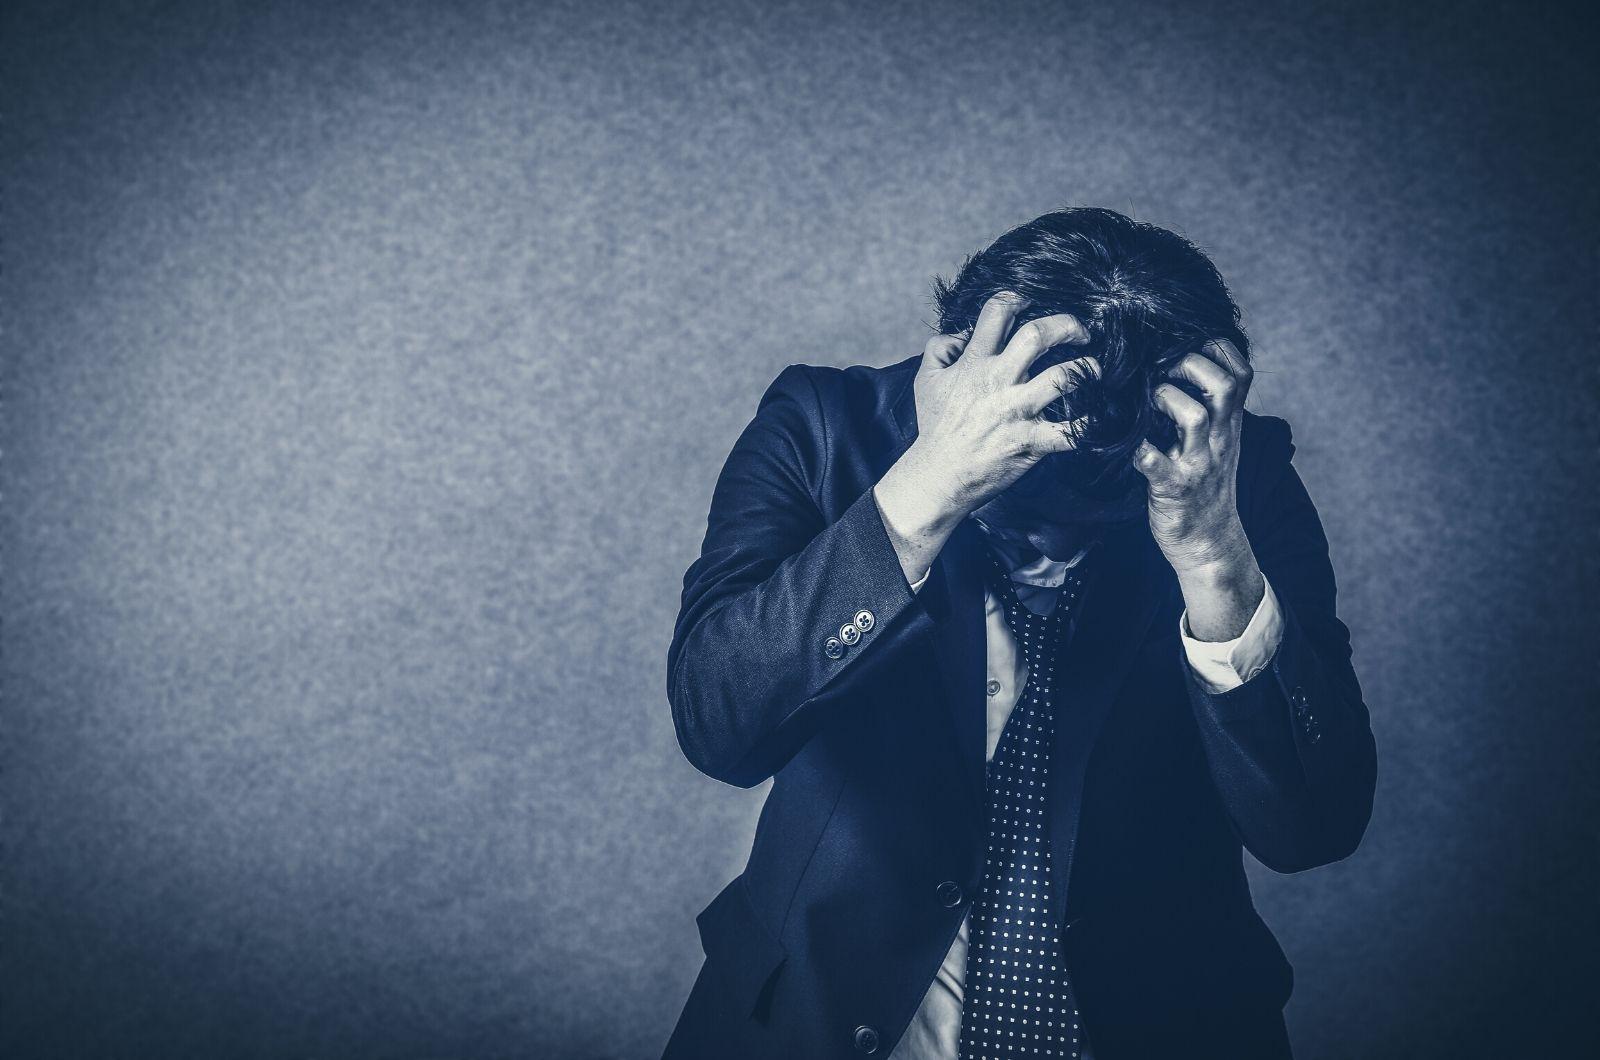 エリート層が転落へ…「不動産投資で失敗しやすい人」の特徴とは?